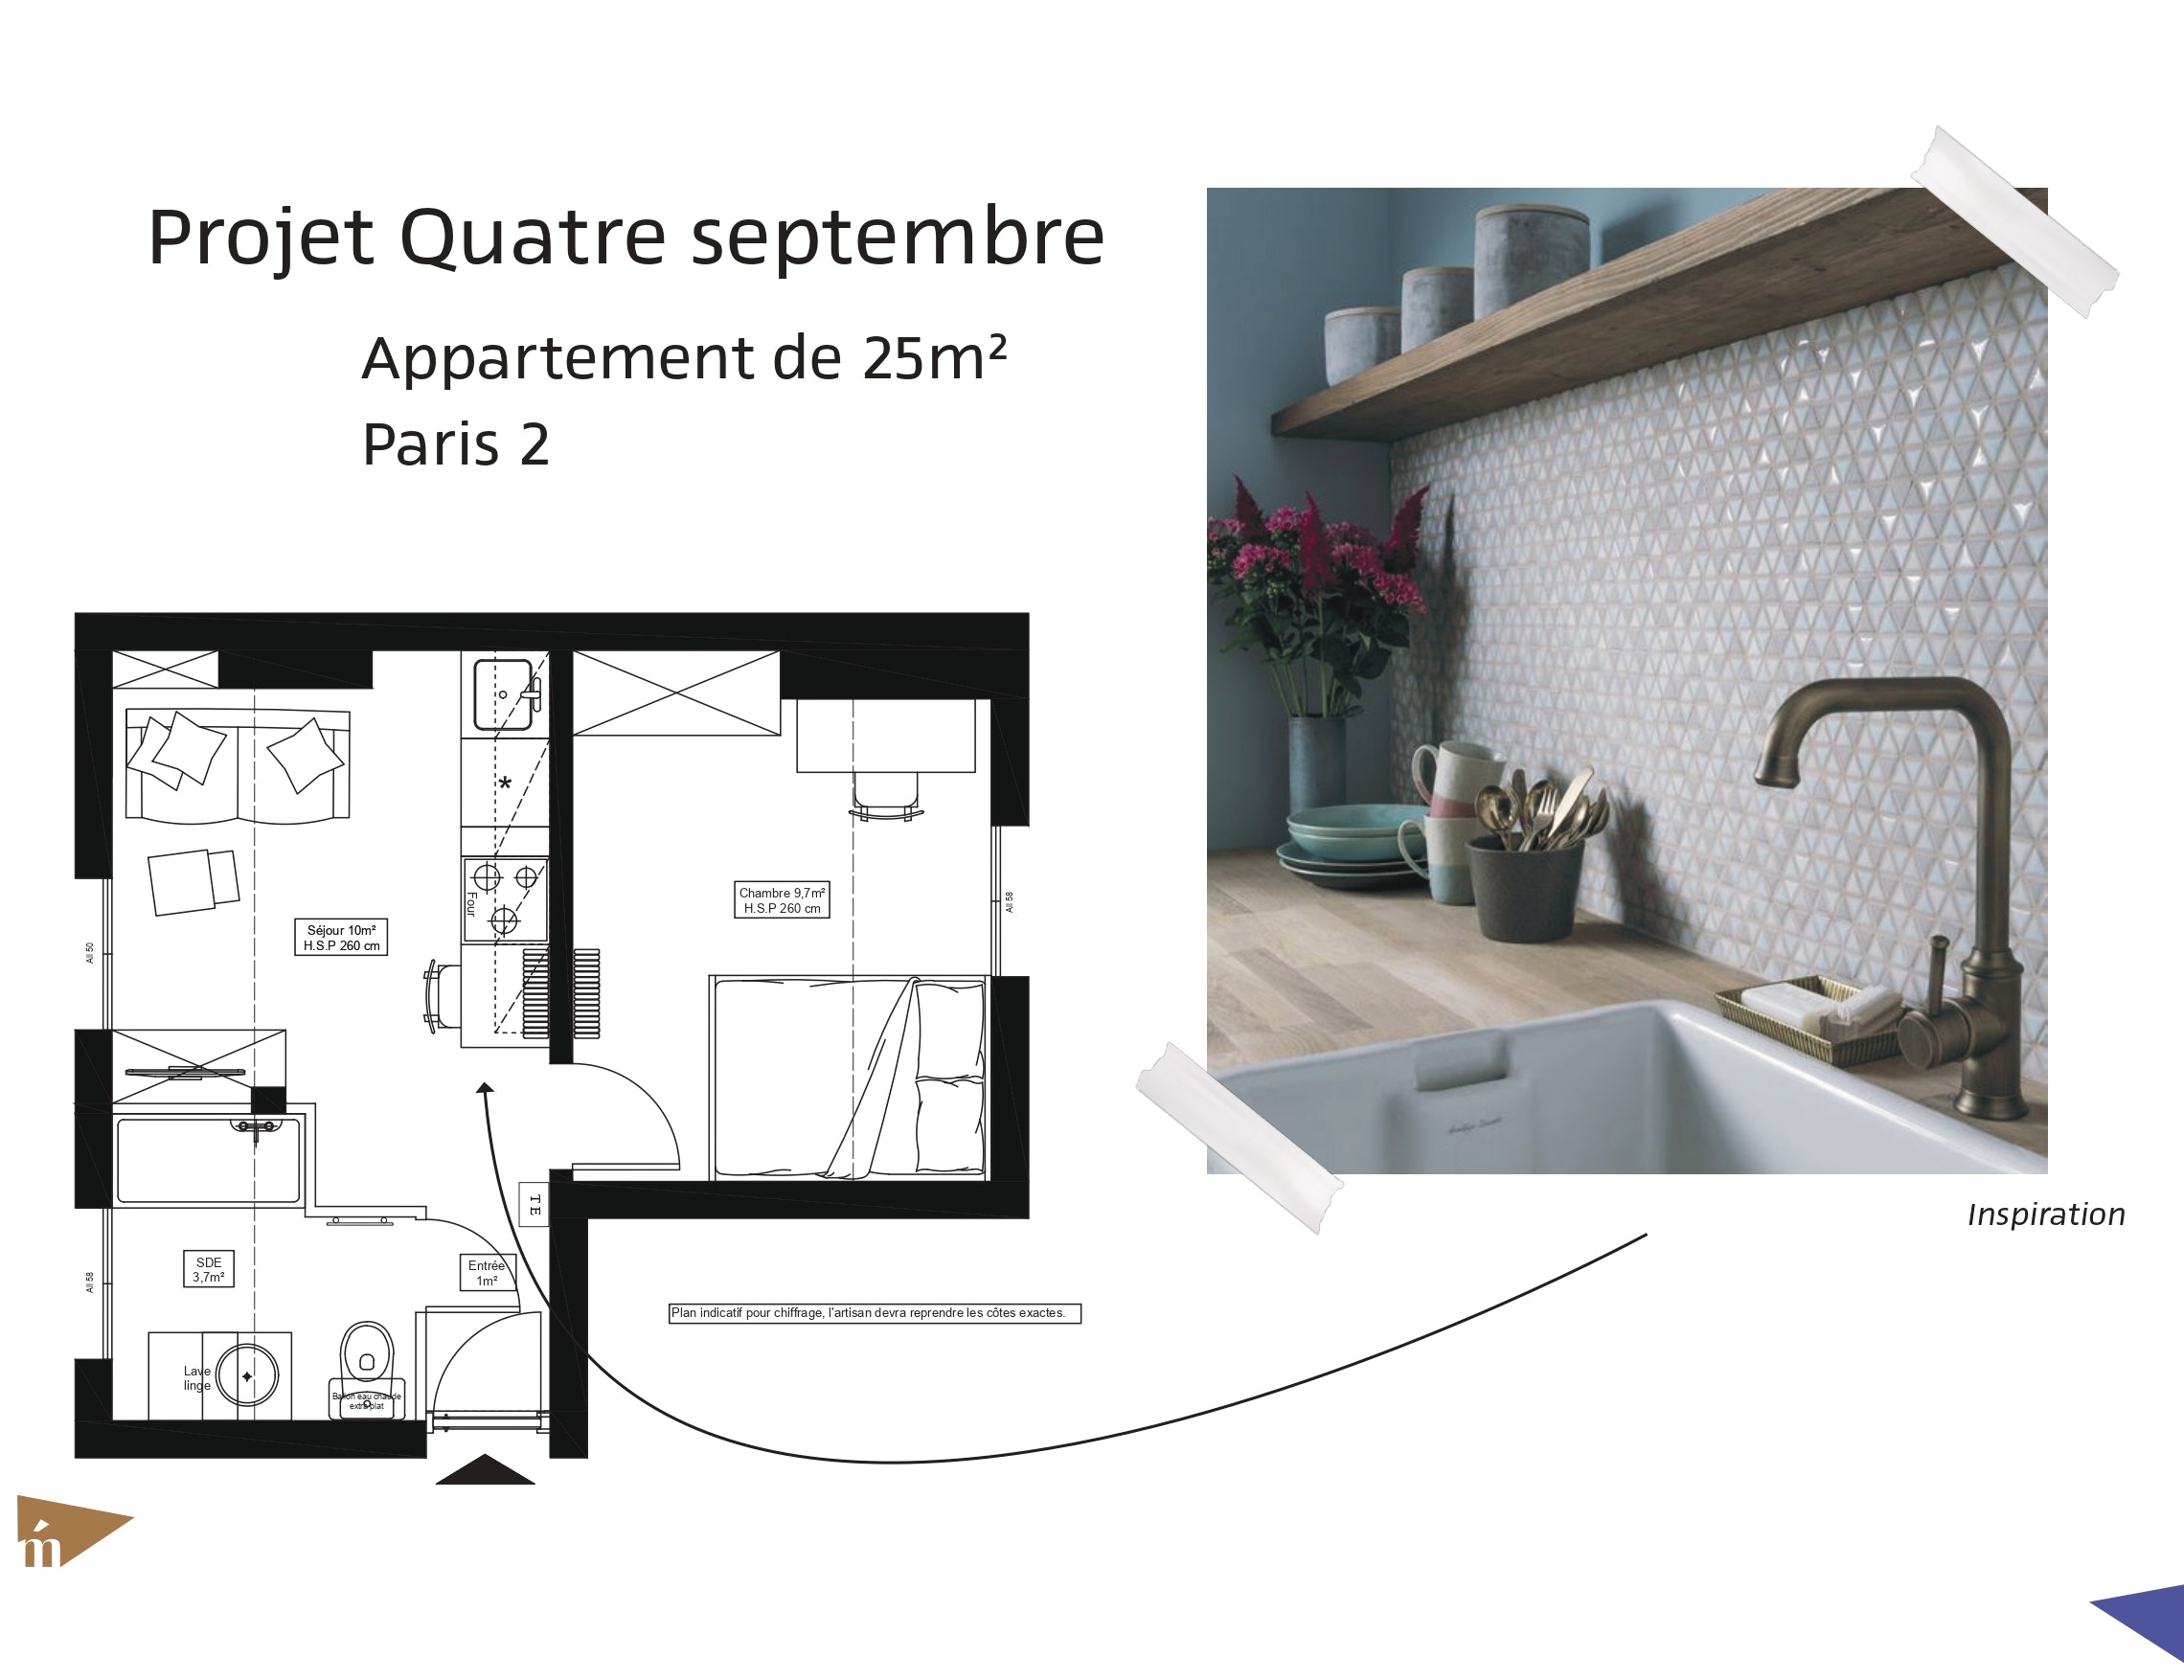 photo Projet Quatre-Septembre - 25 m² - Paris 2 Léa Mast - Architecte hemea